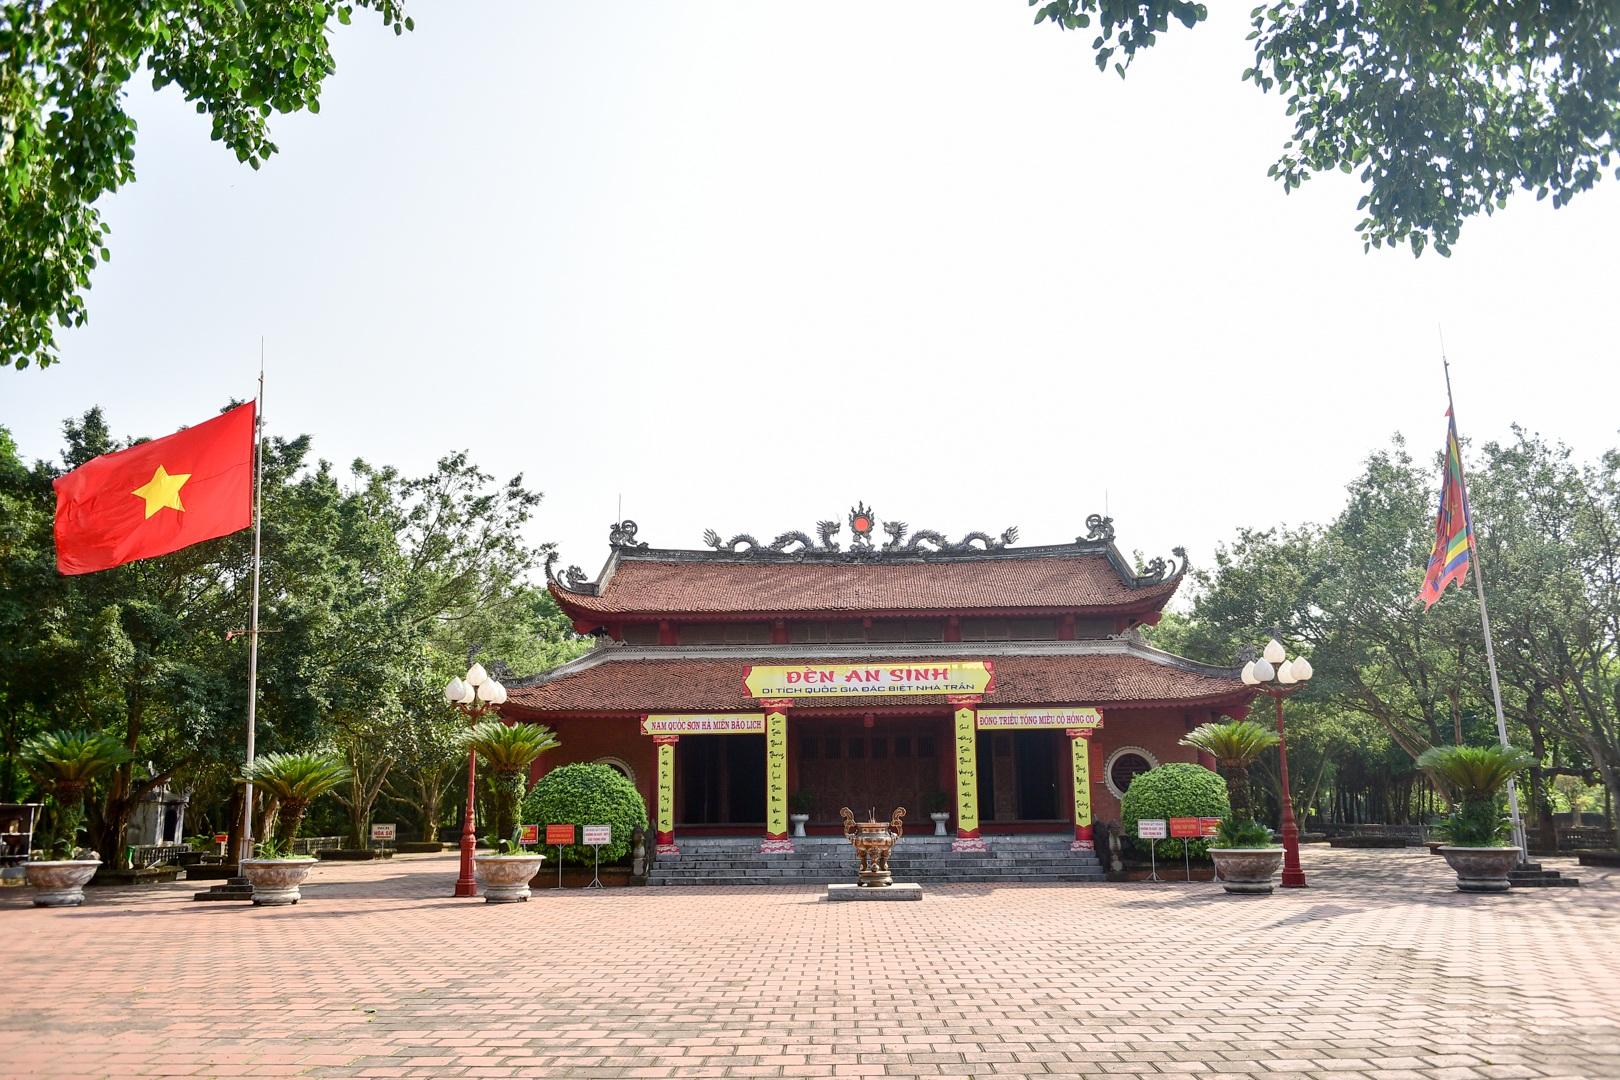 Chiêm ngưỡng ngôi đền 600 năm tuổi thờ 8 vị vua triều Trần - 4